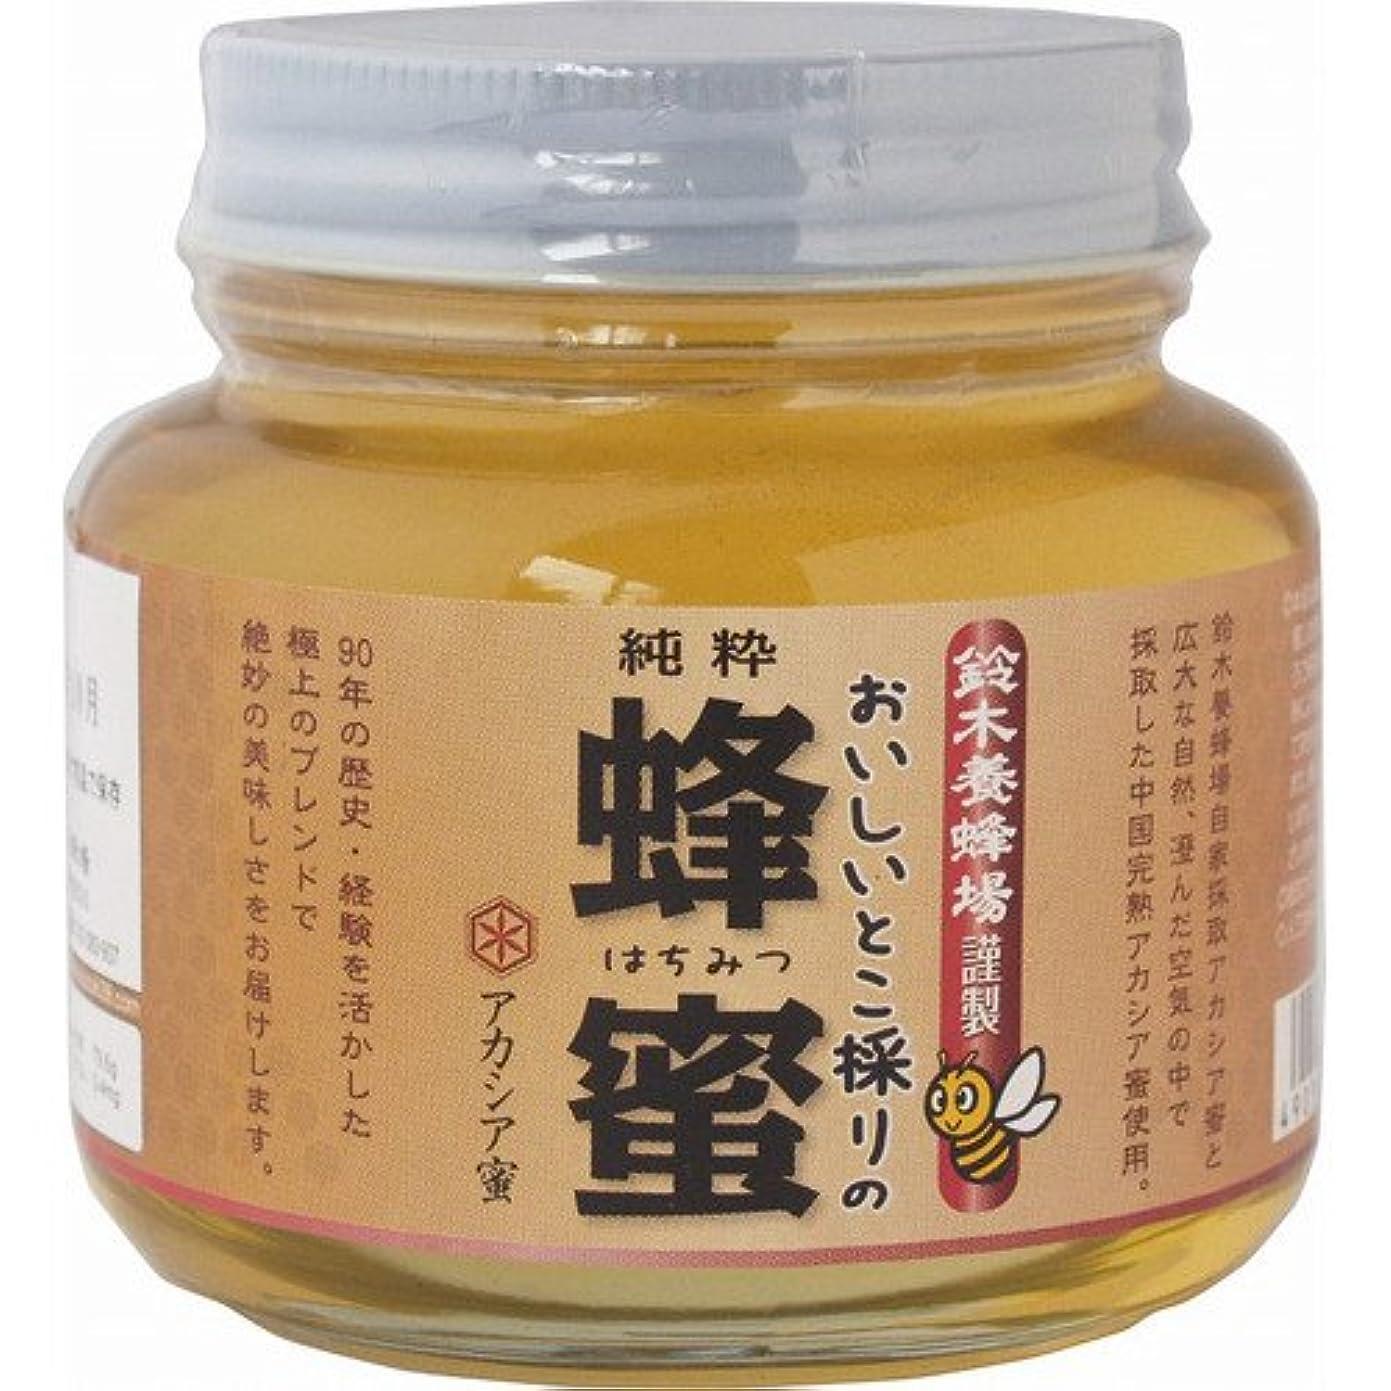 ローブ男やもめ鳥鈴木養蜂場 おいしいとこ採り蜂蜜アカシア 450g